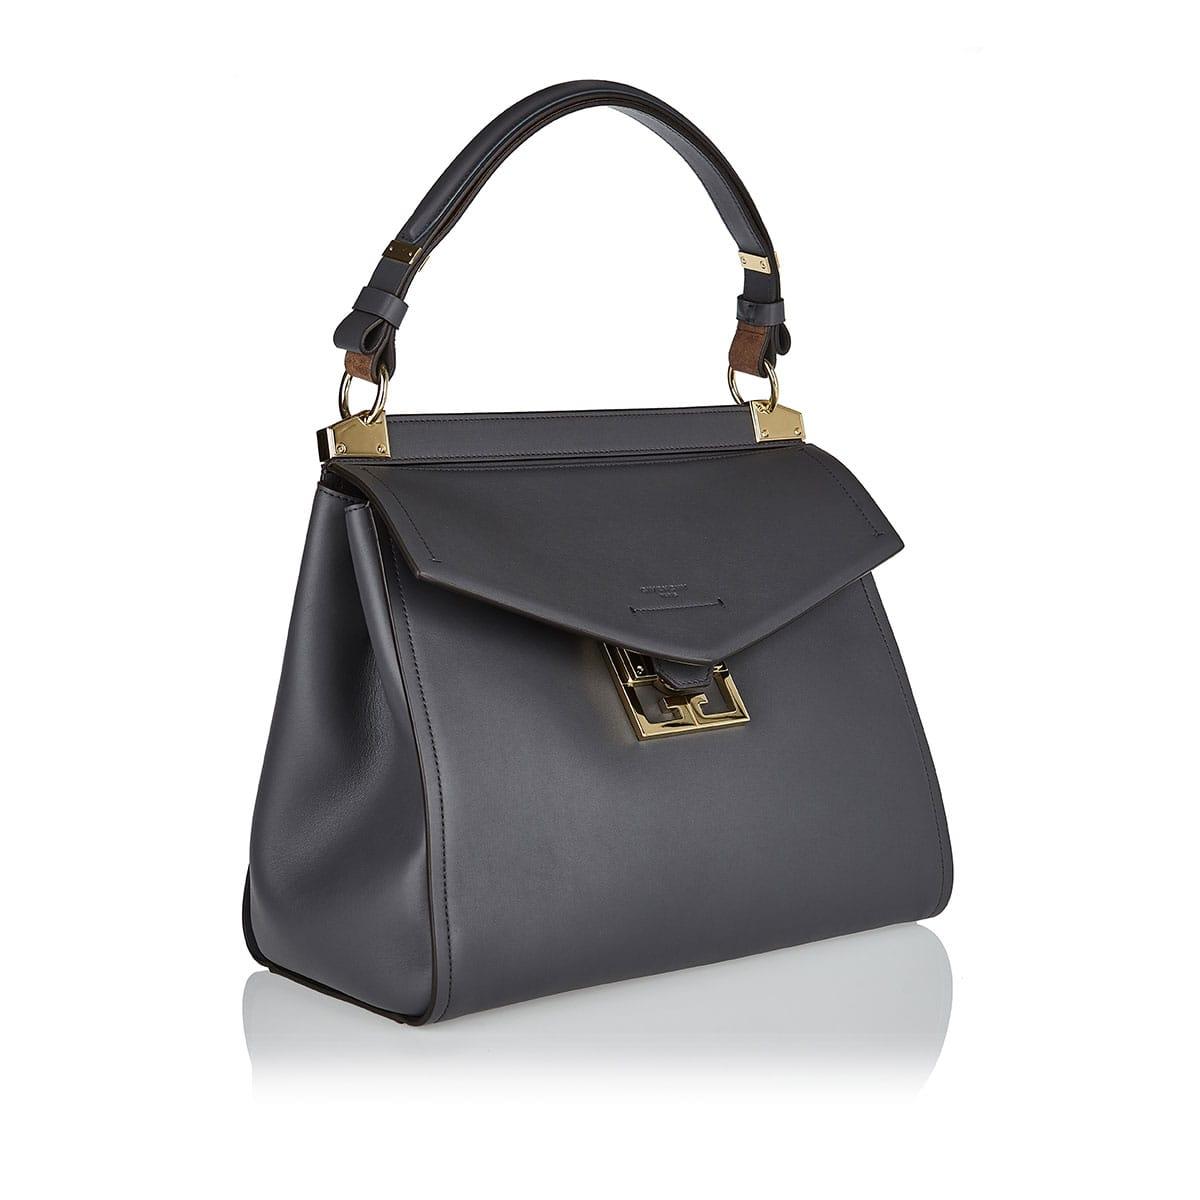 Mystic medium top-handle bag